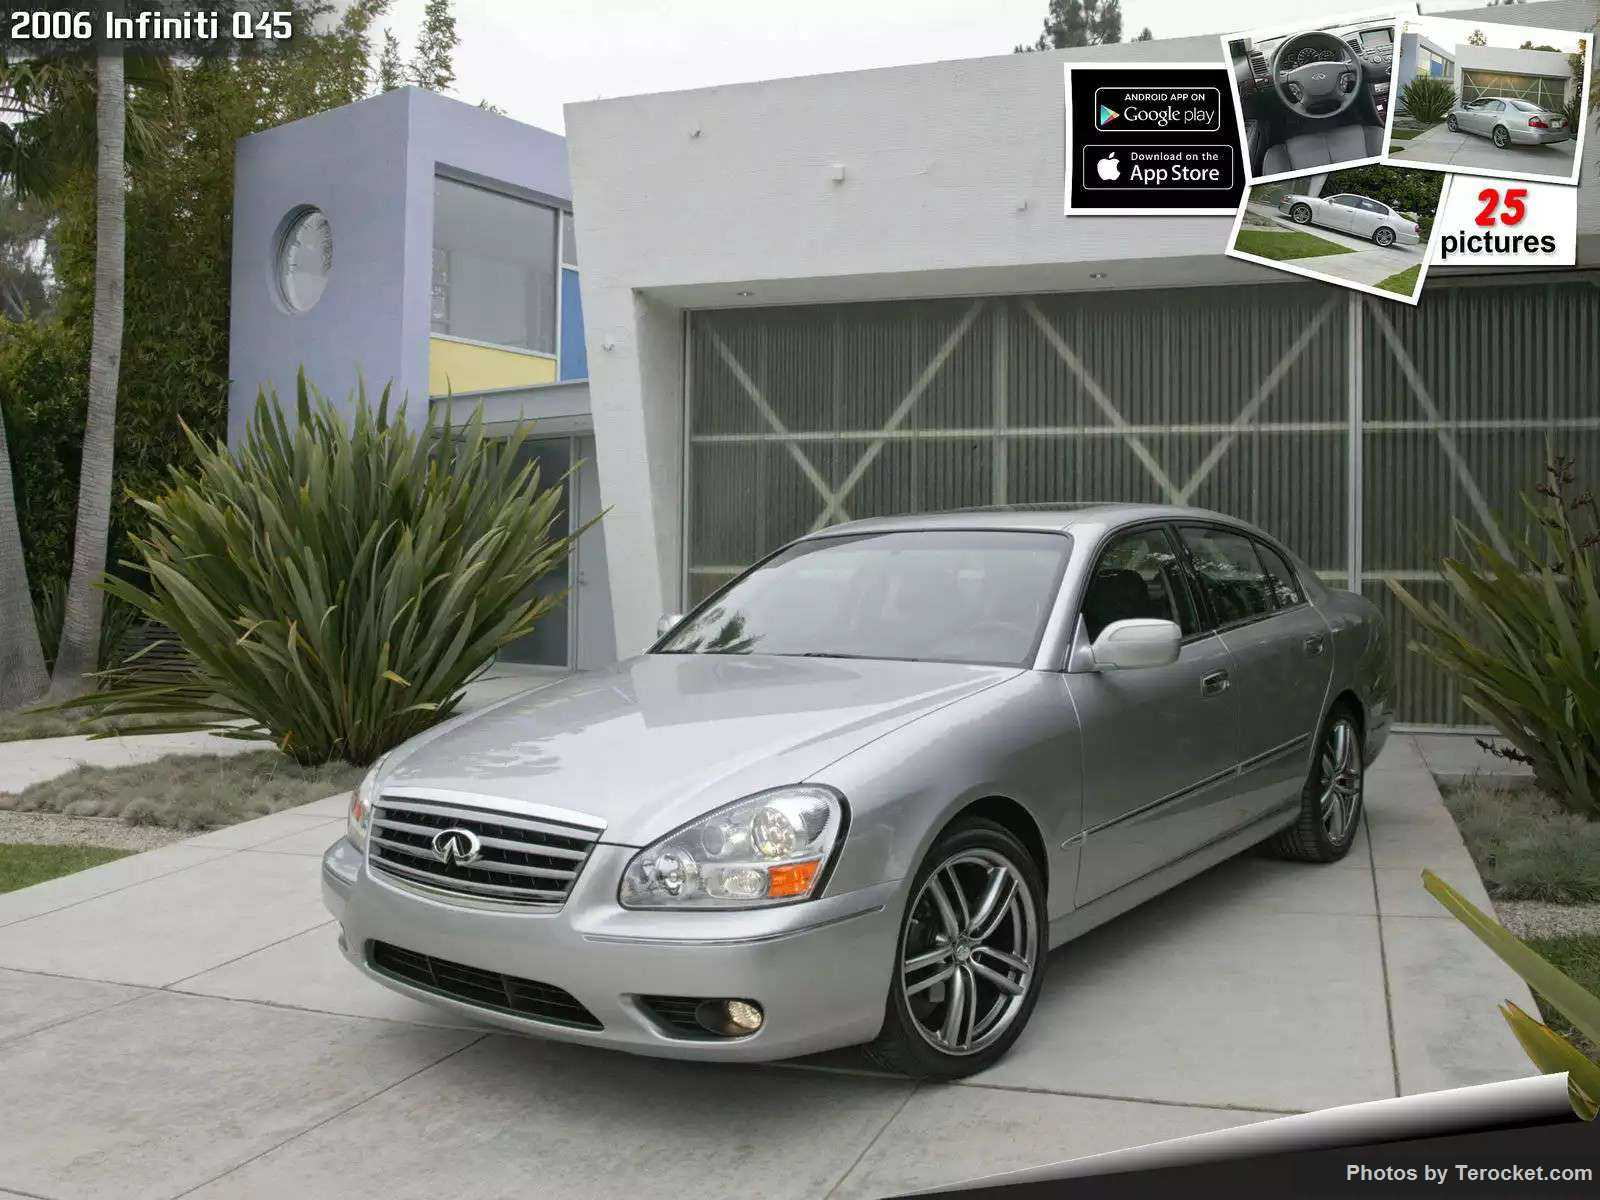 Hình ảnh xe ô tô Infiniti Q45 2006 & nội ngoại thất